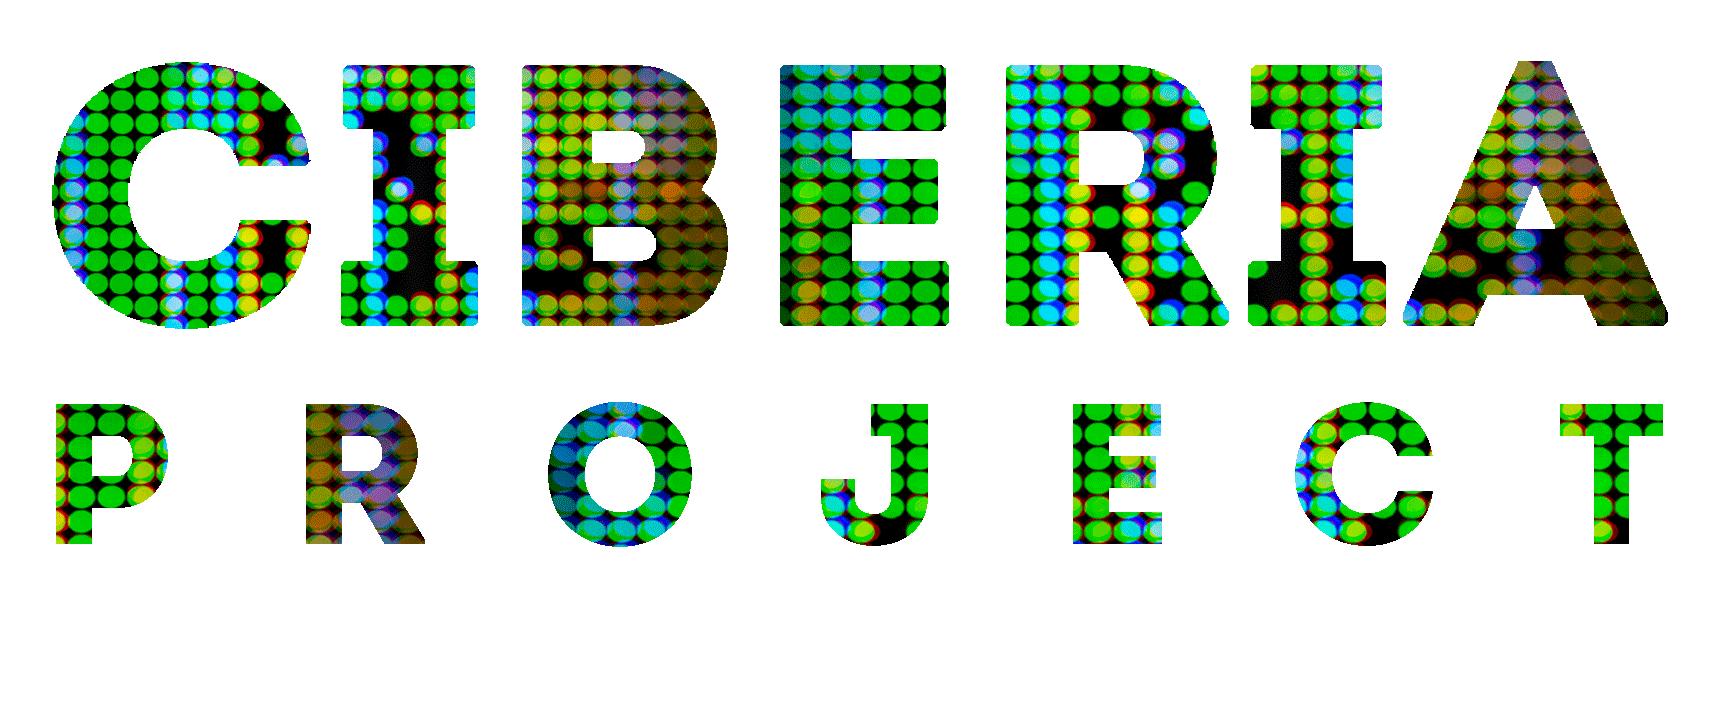 Ciberia Project - Letras digitales - Literatura digital en español - cibercultura